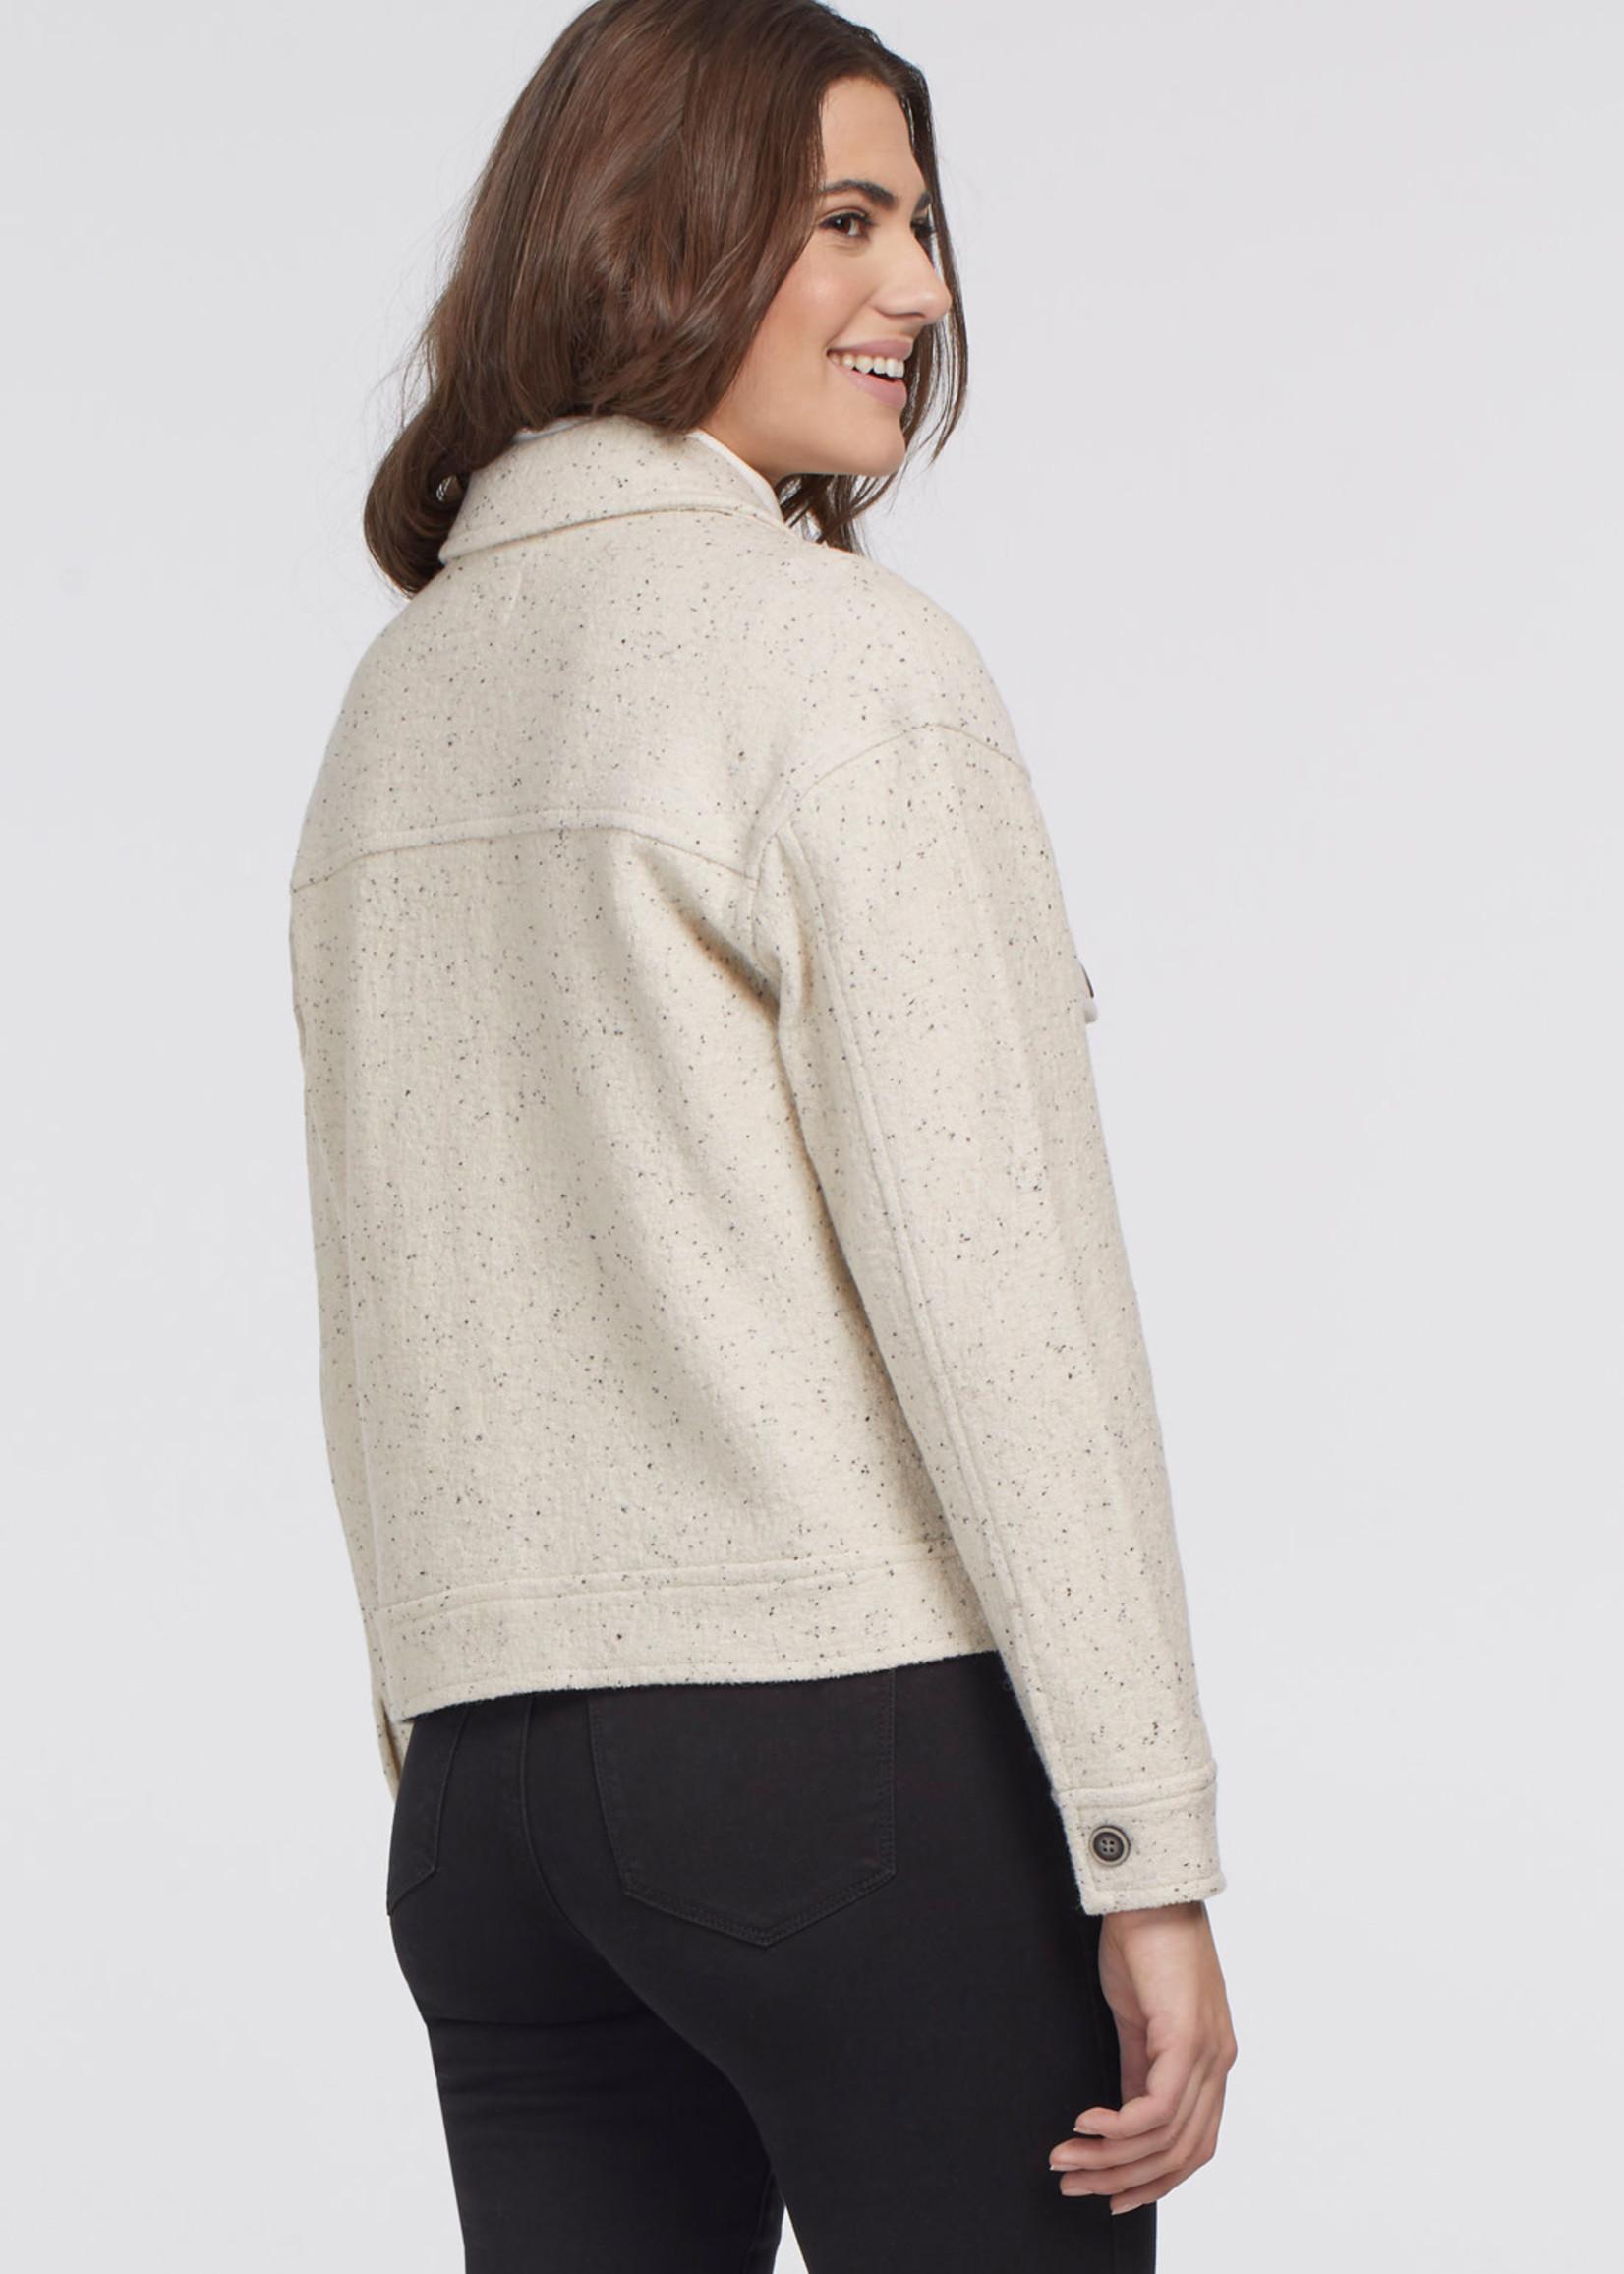 Tribal Tribal Oversize Jacket